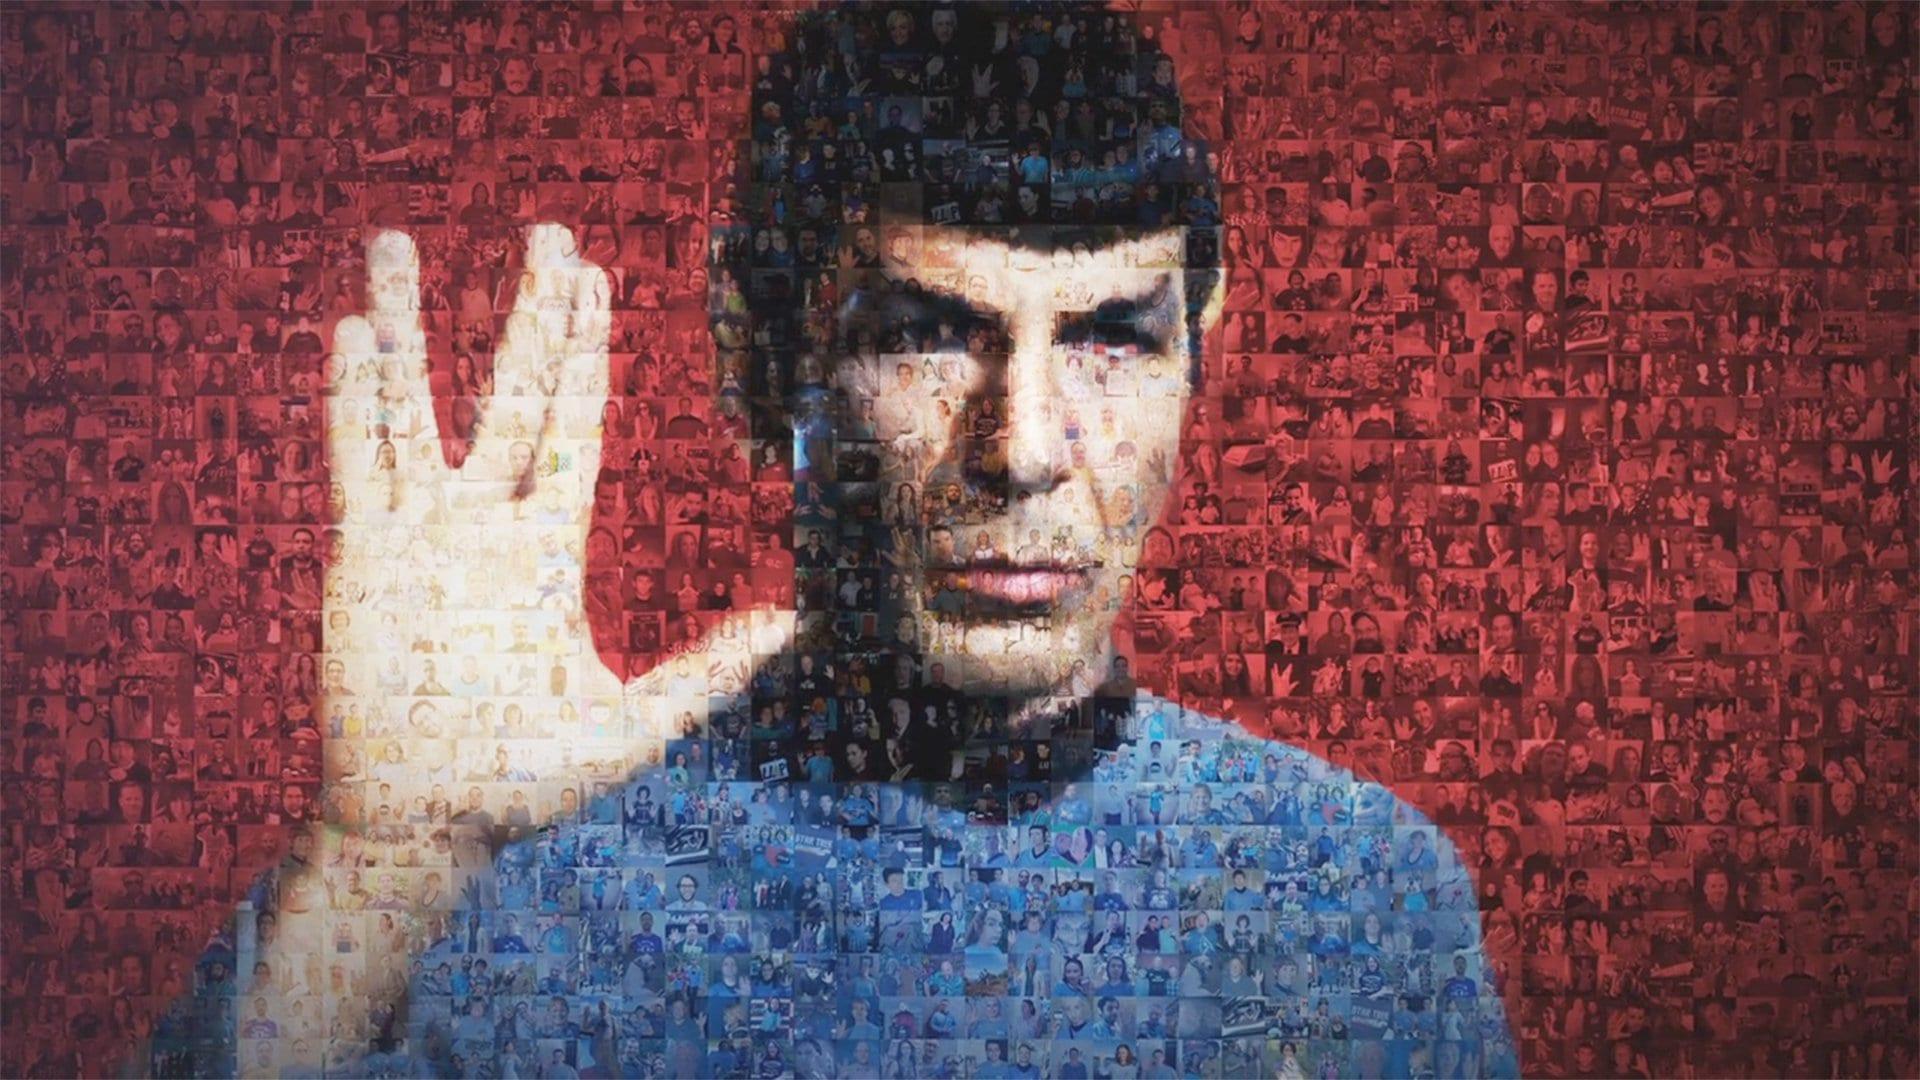 Regarder For the Love of Spock en streaming gratuit